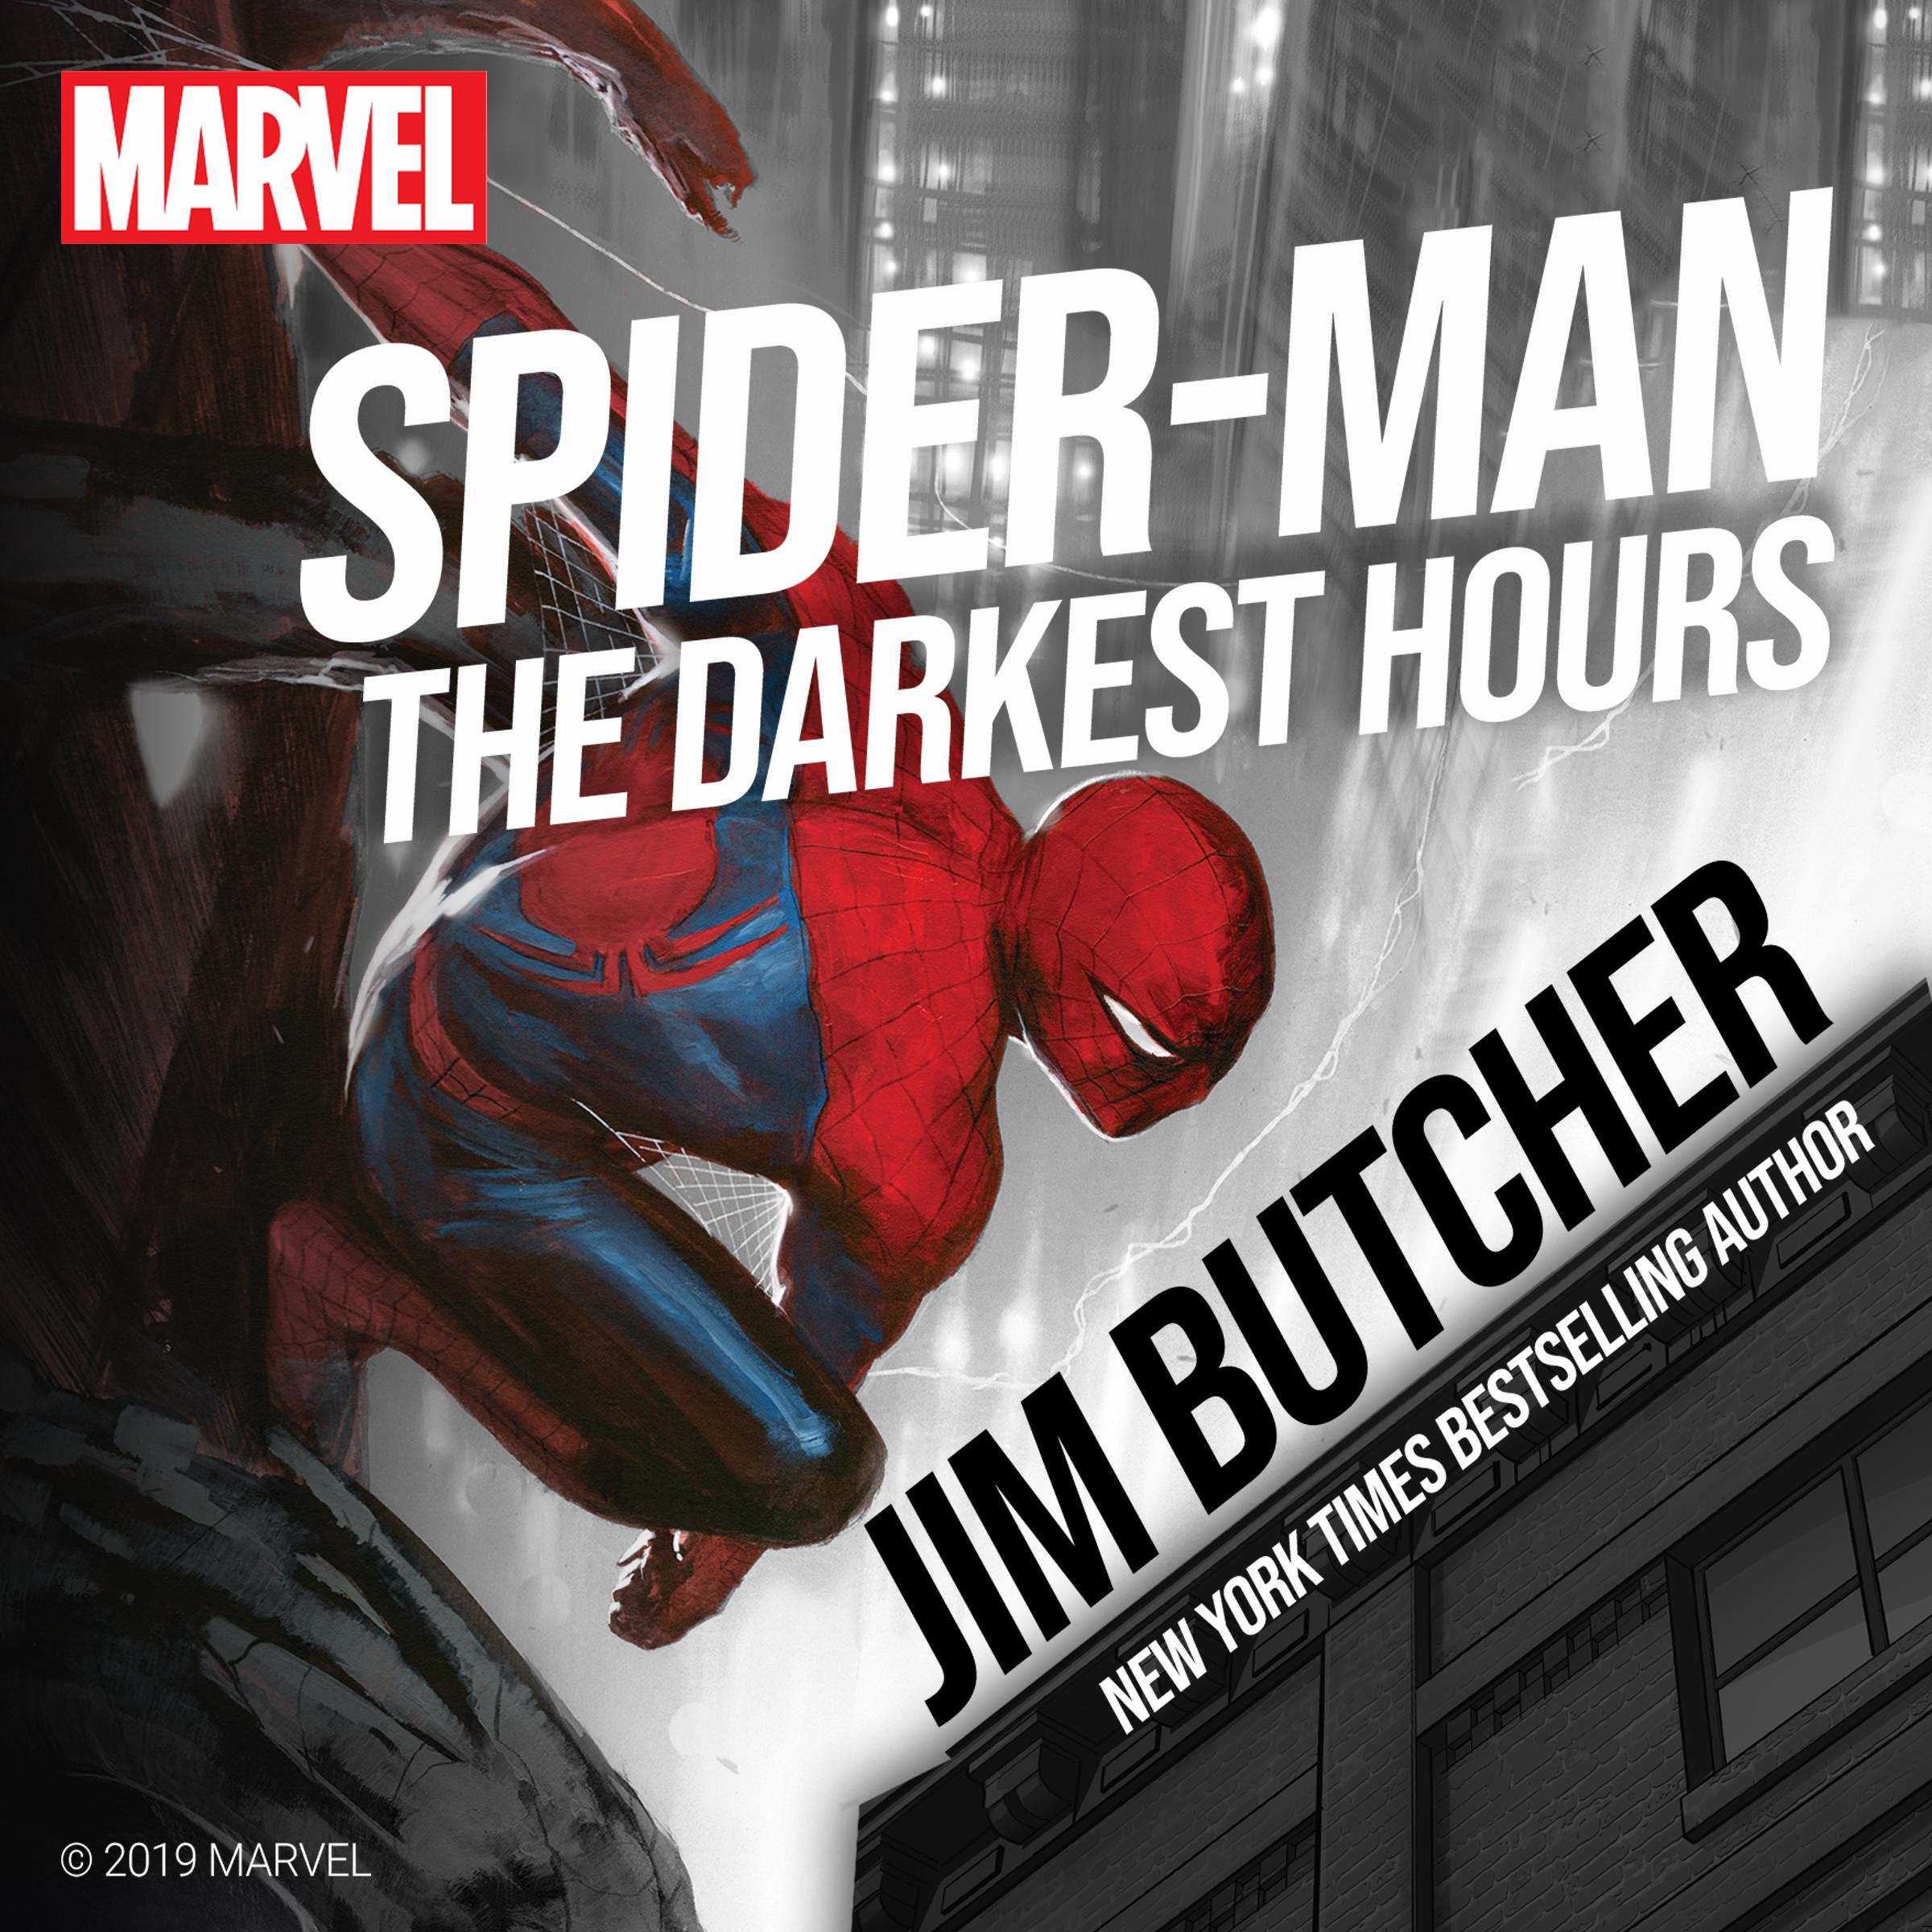 Marvel audiobooks